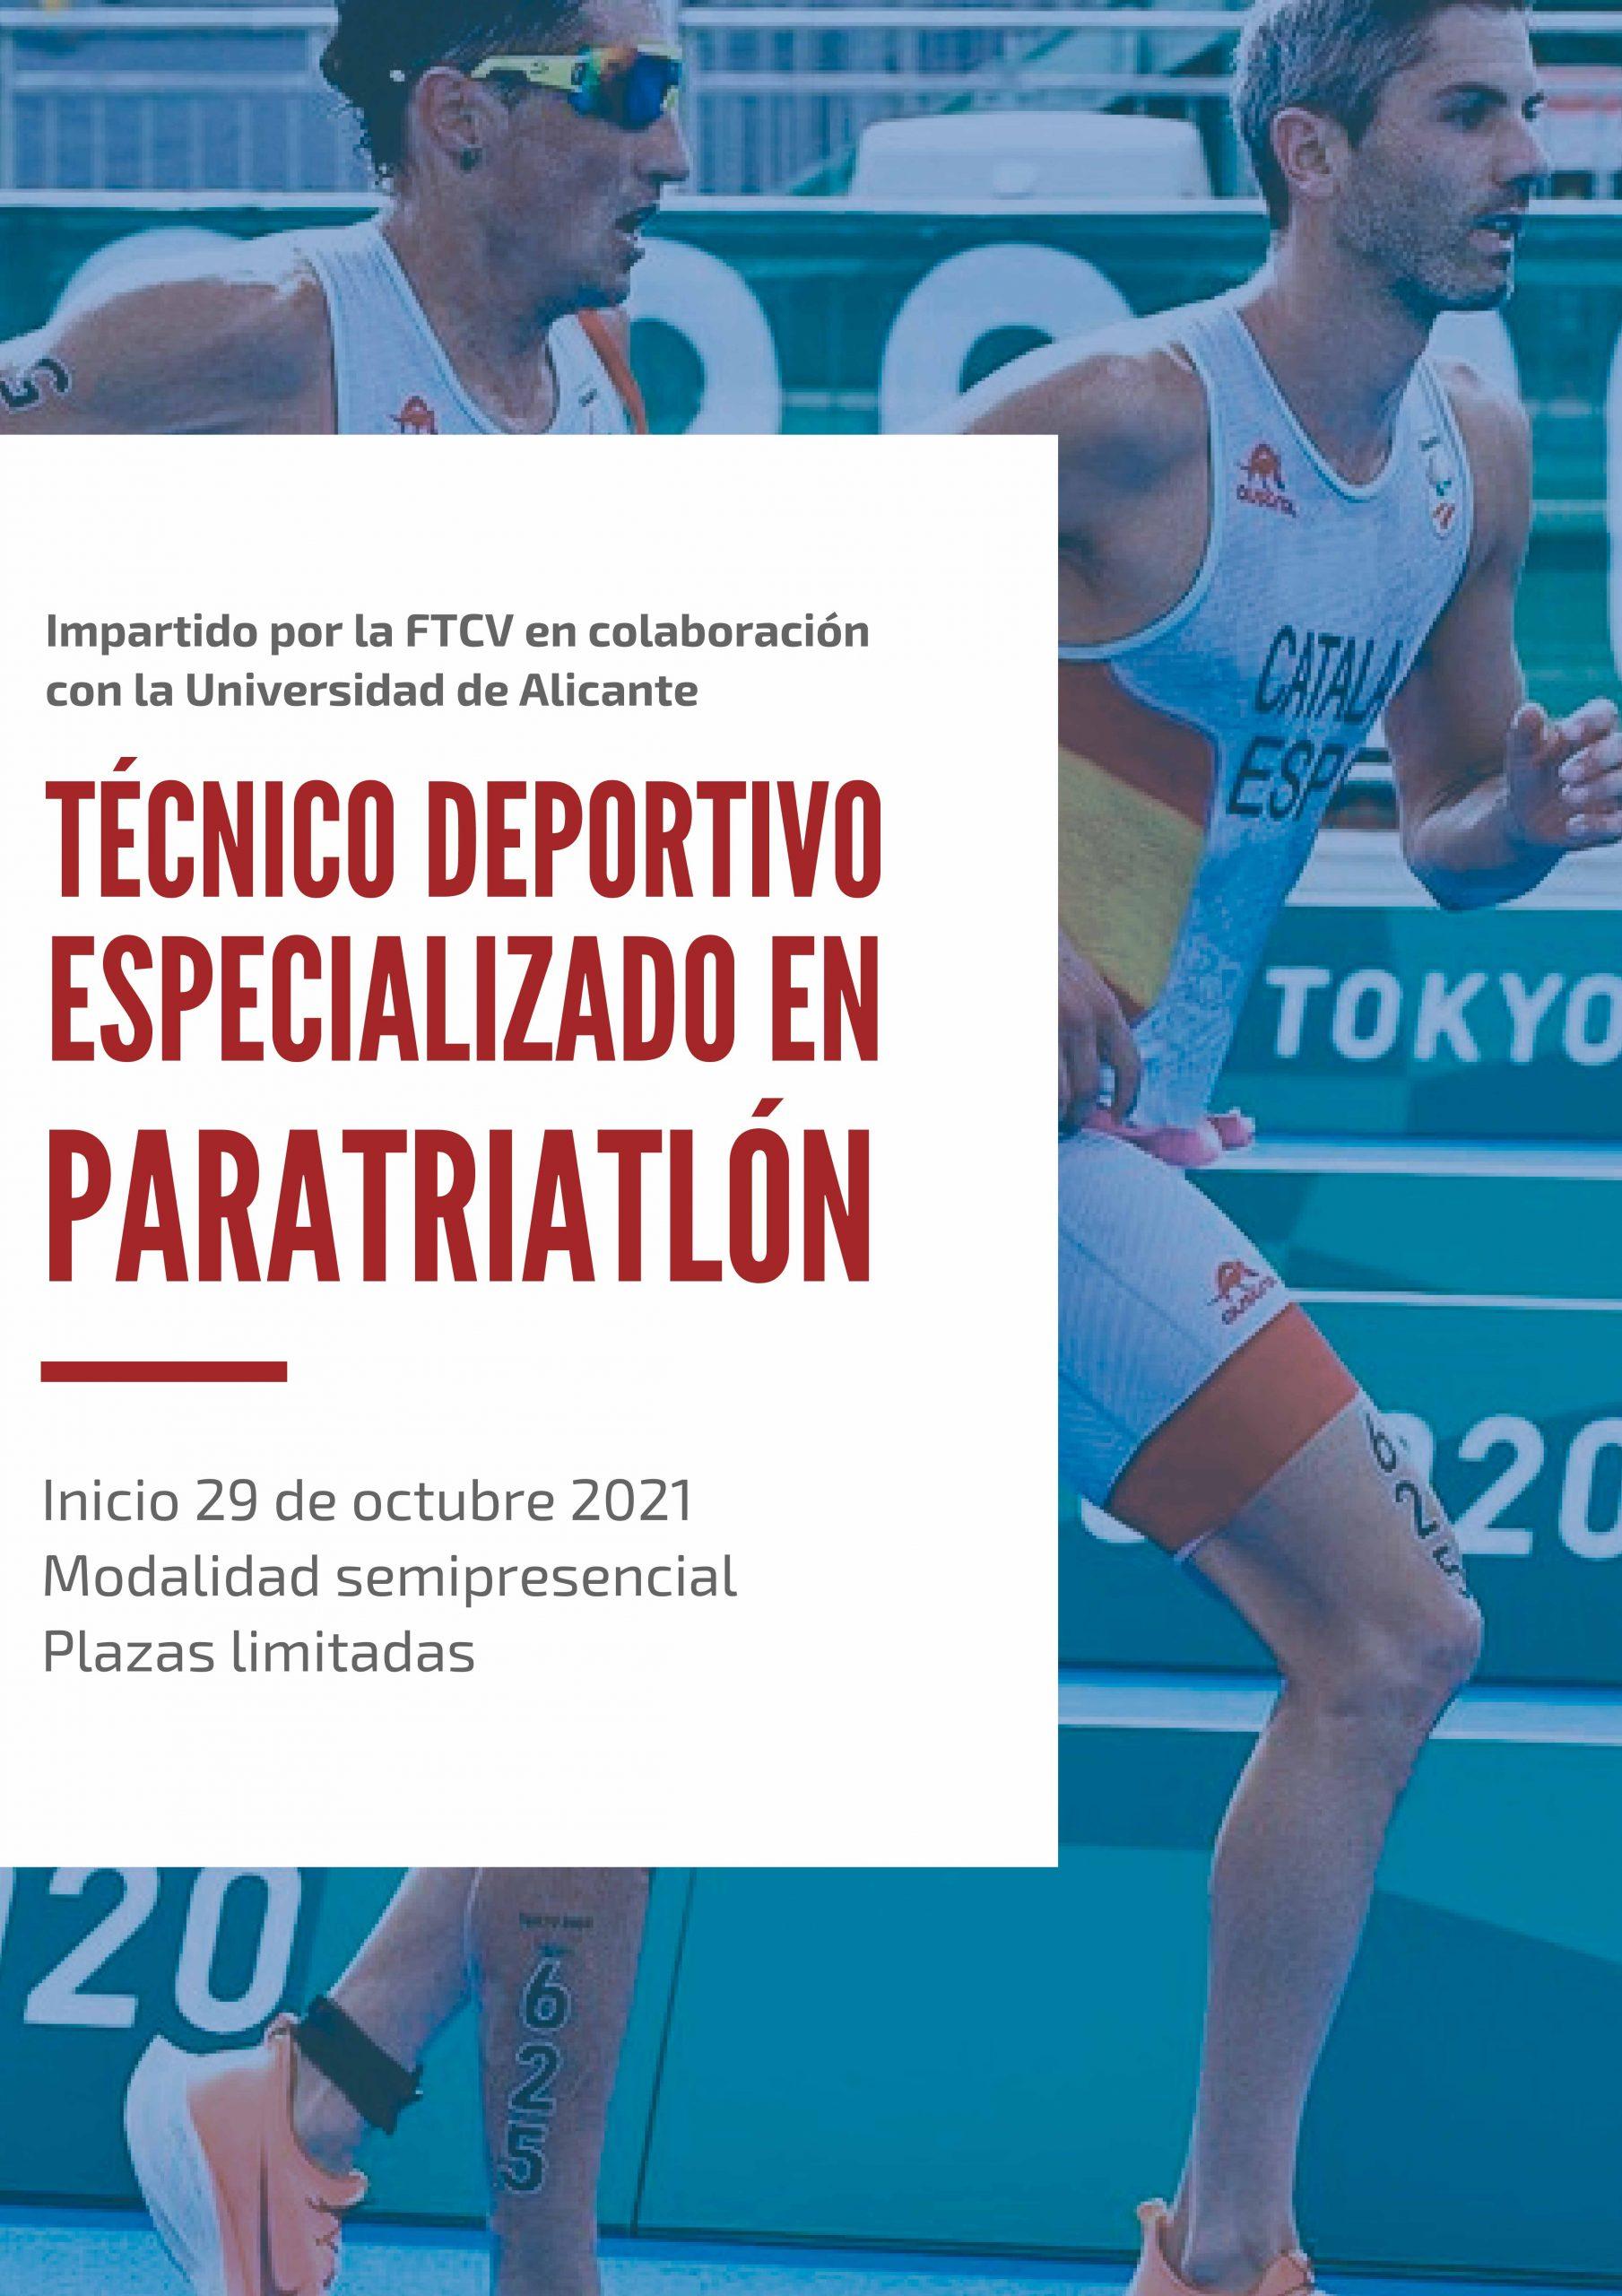 La Federació de Triatló de la Comunitat Valenciana abre, en colaboración con la Universidad de Alicante, la 1ª edición del Curso de Técnico Deportivo especializado en Paratriatlón